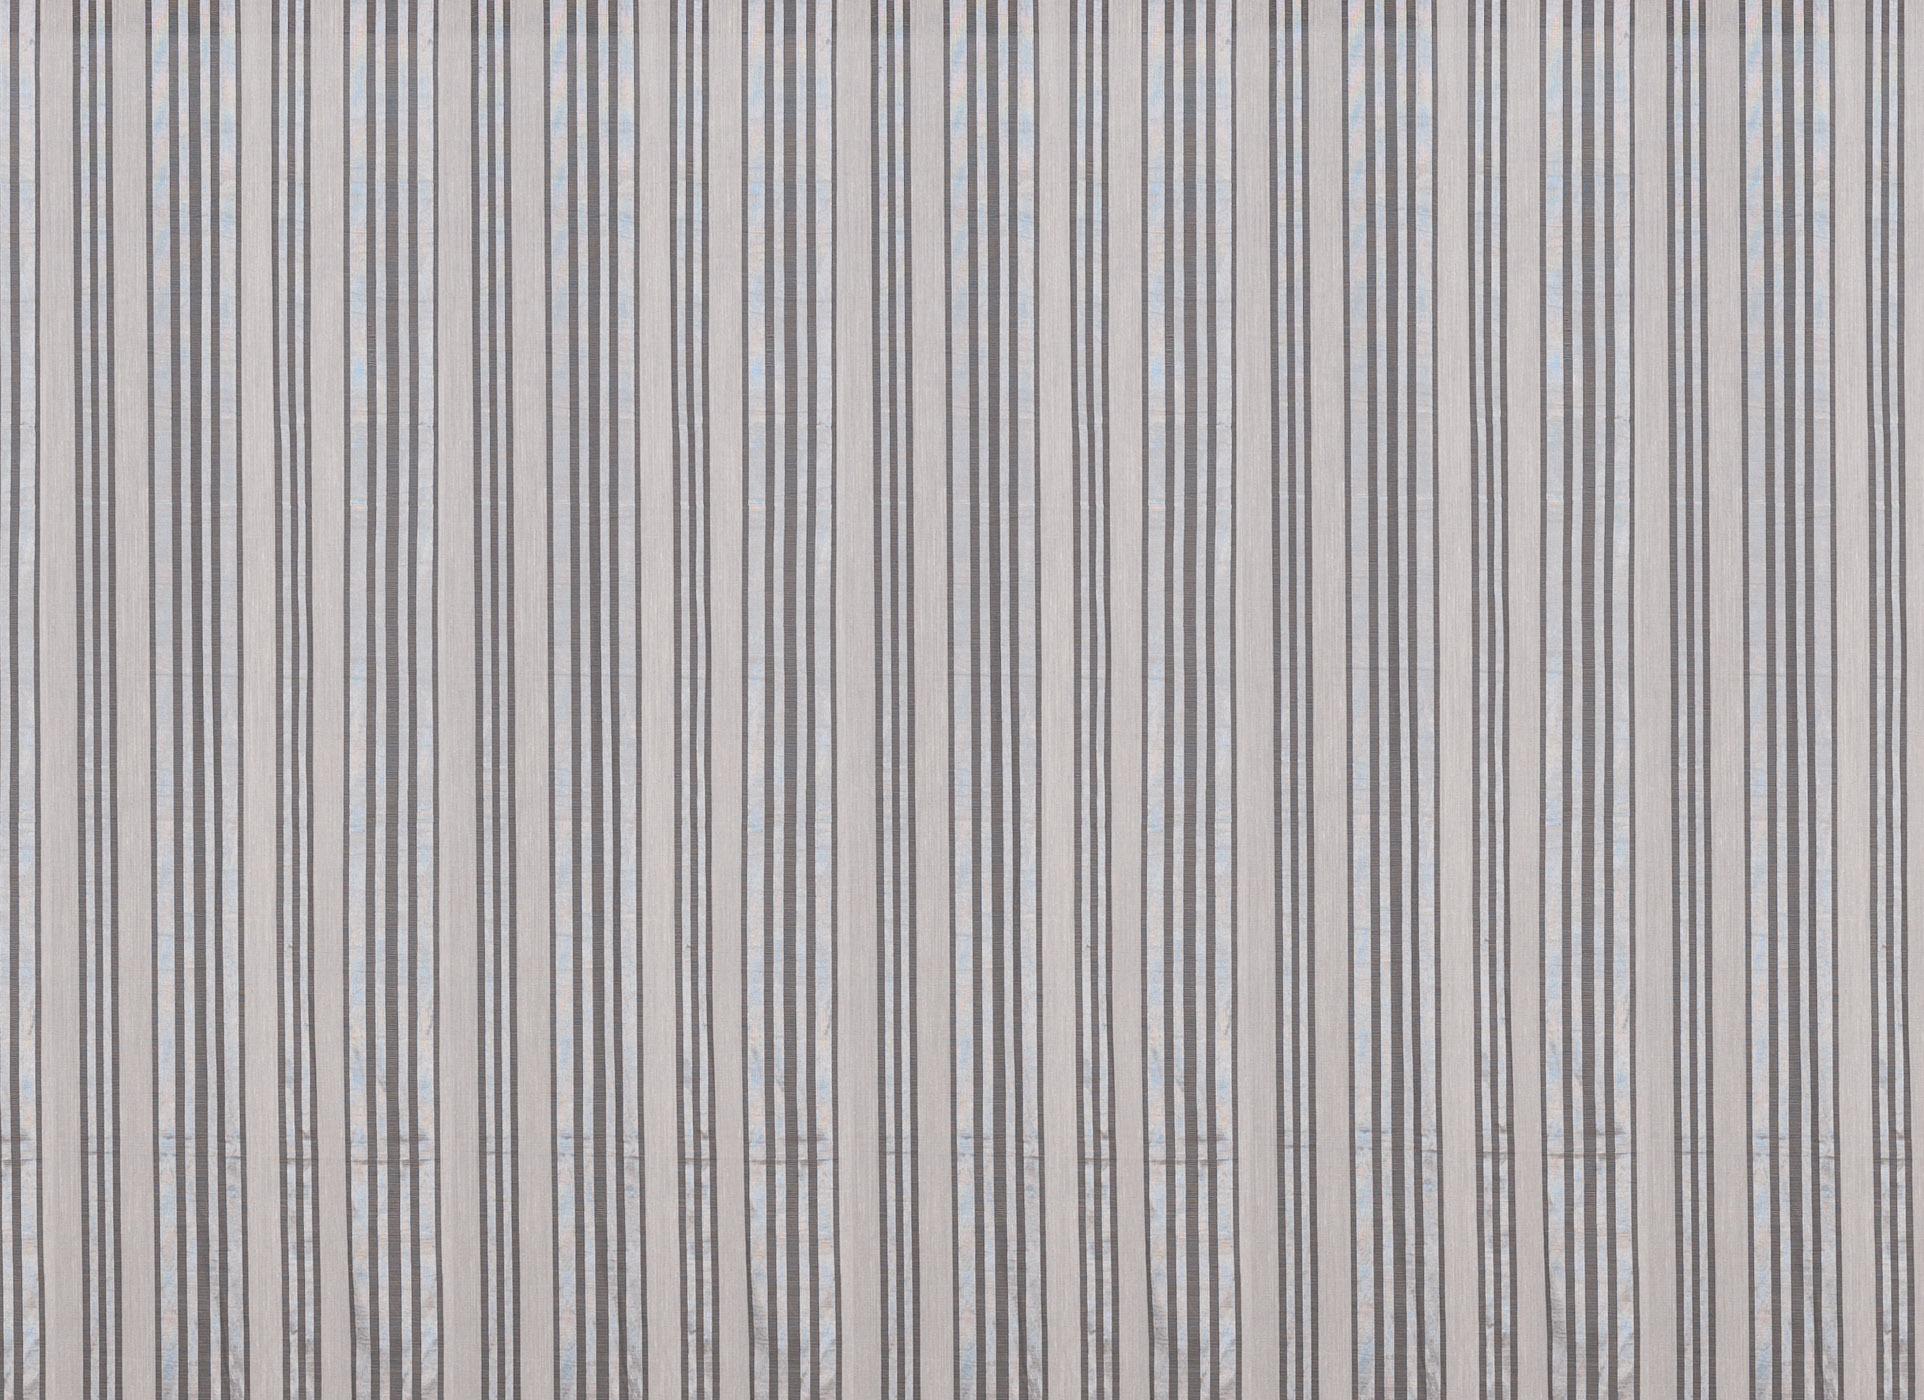 4fd9a3e6763f5-10541-2_BlackSilver.jpg (1924×1400)